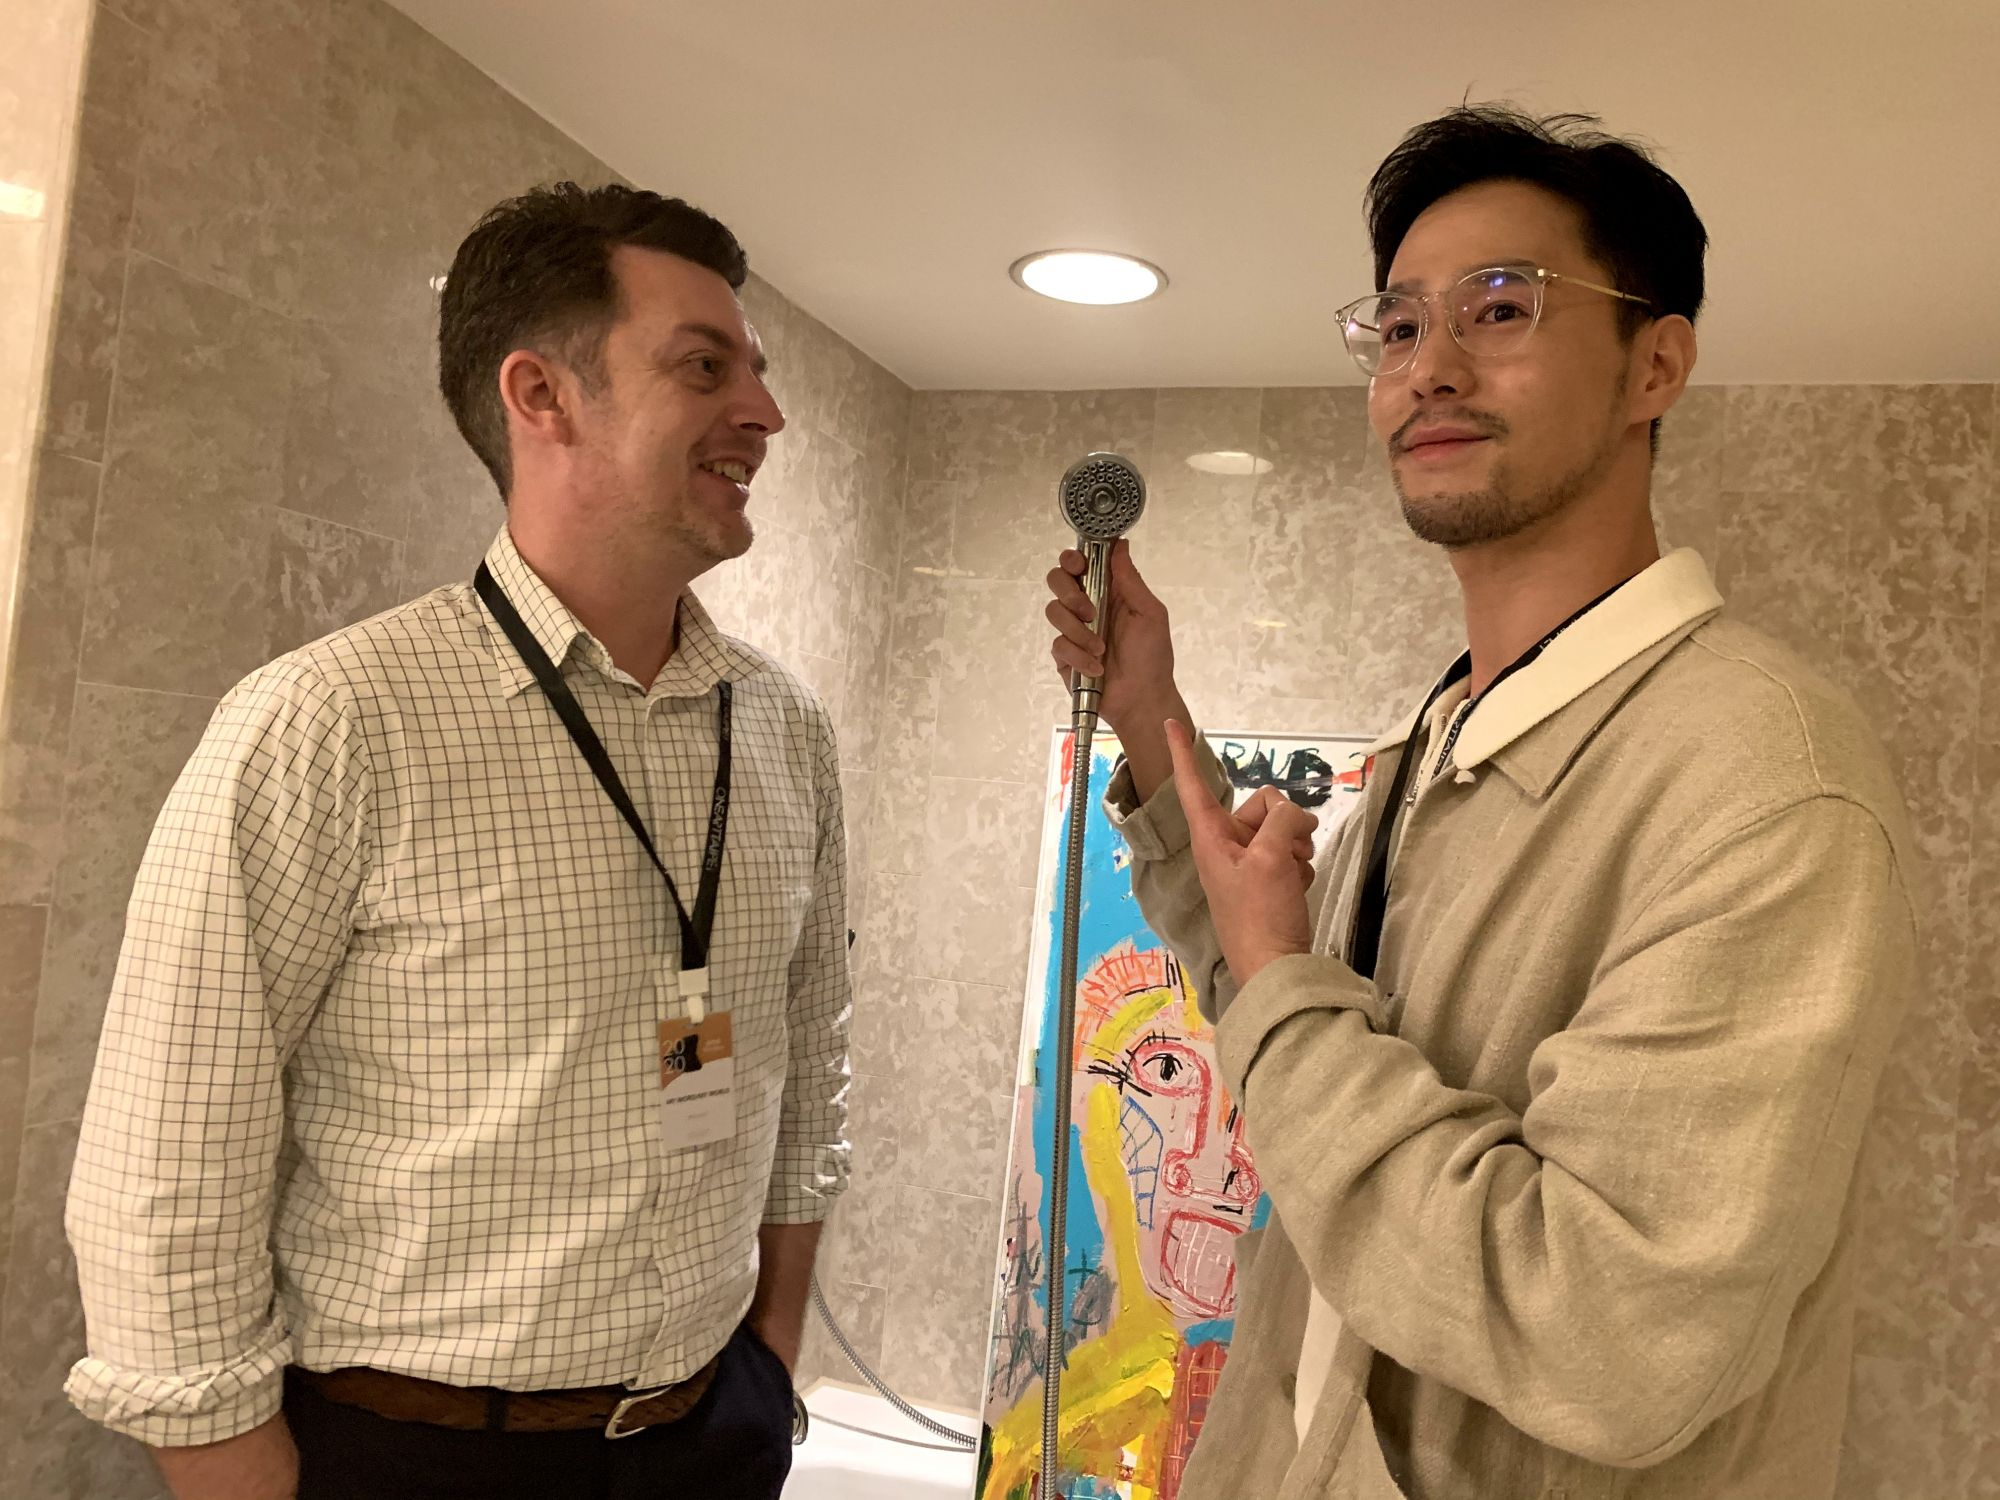 「不演戲的時候,就是在搞藝術!」丁春誠跨界策展翻玩西華飯店,打造今年最耐人尋味的展覽!